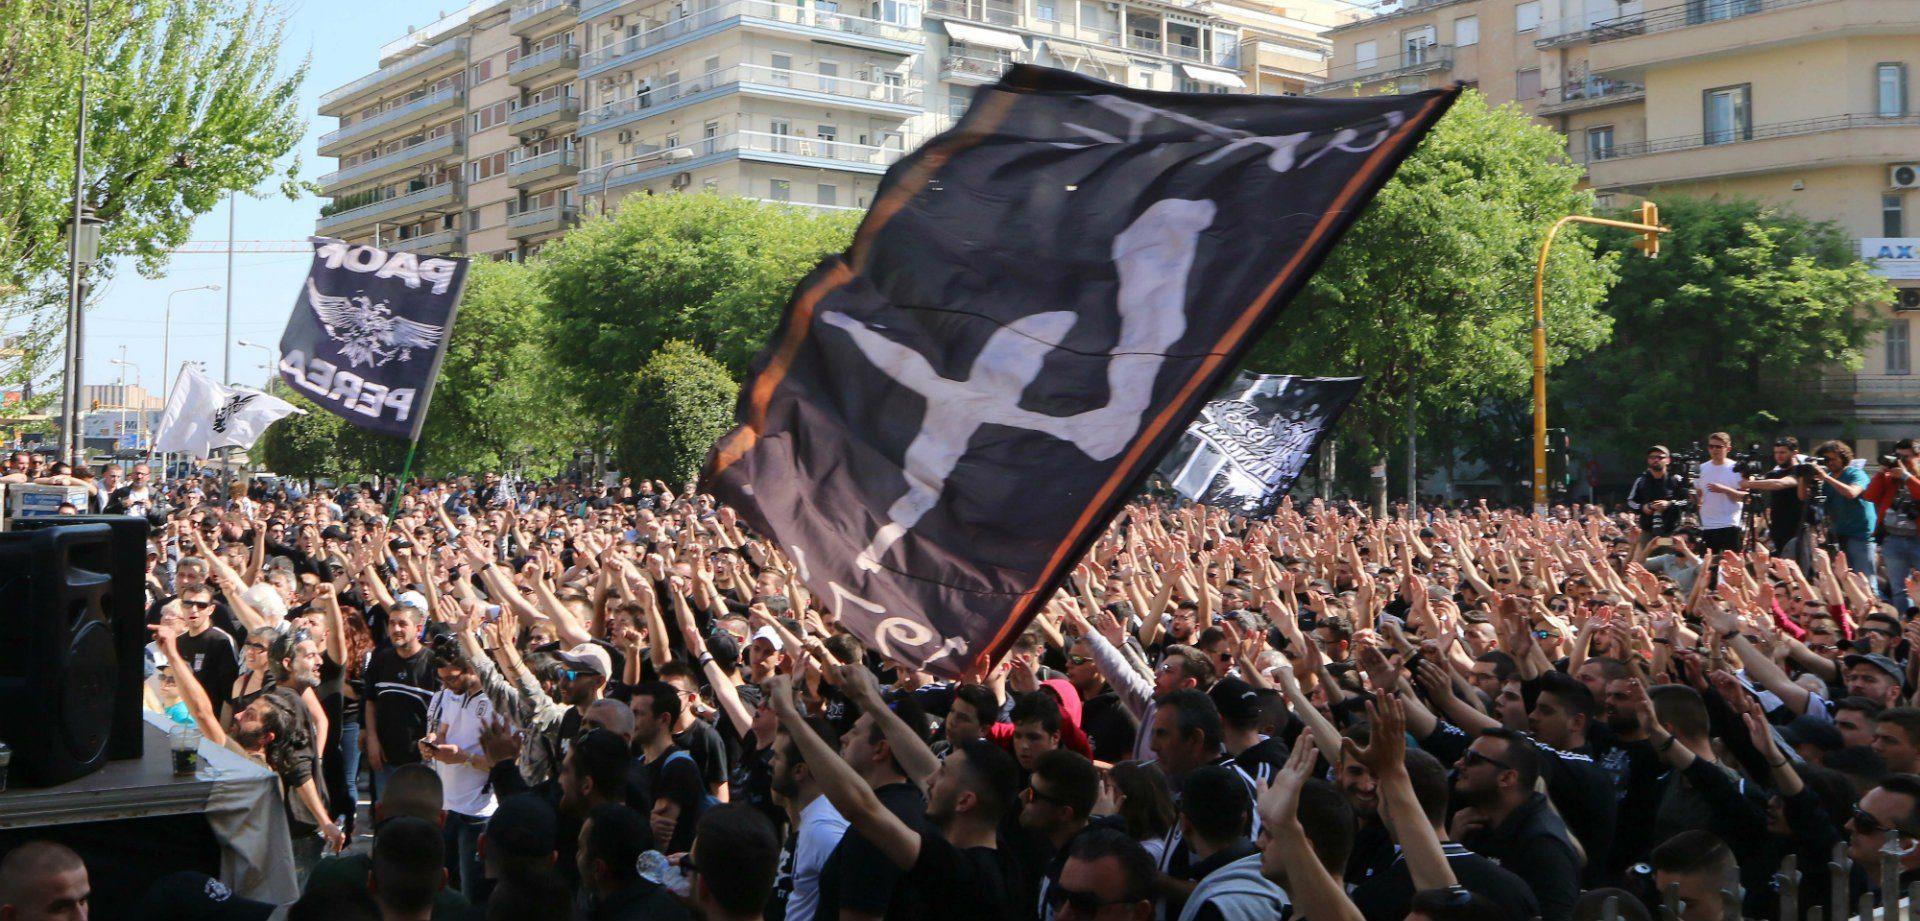 Τα μάθατε; Τελικά είμαστε Έλληνες και όχι Βούλγαροι!